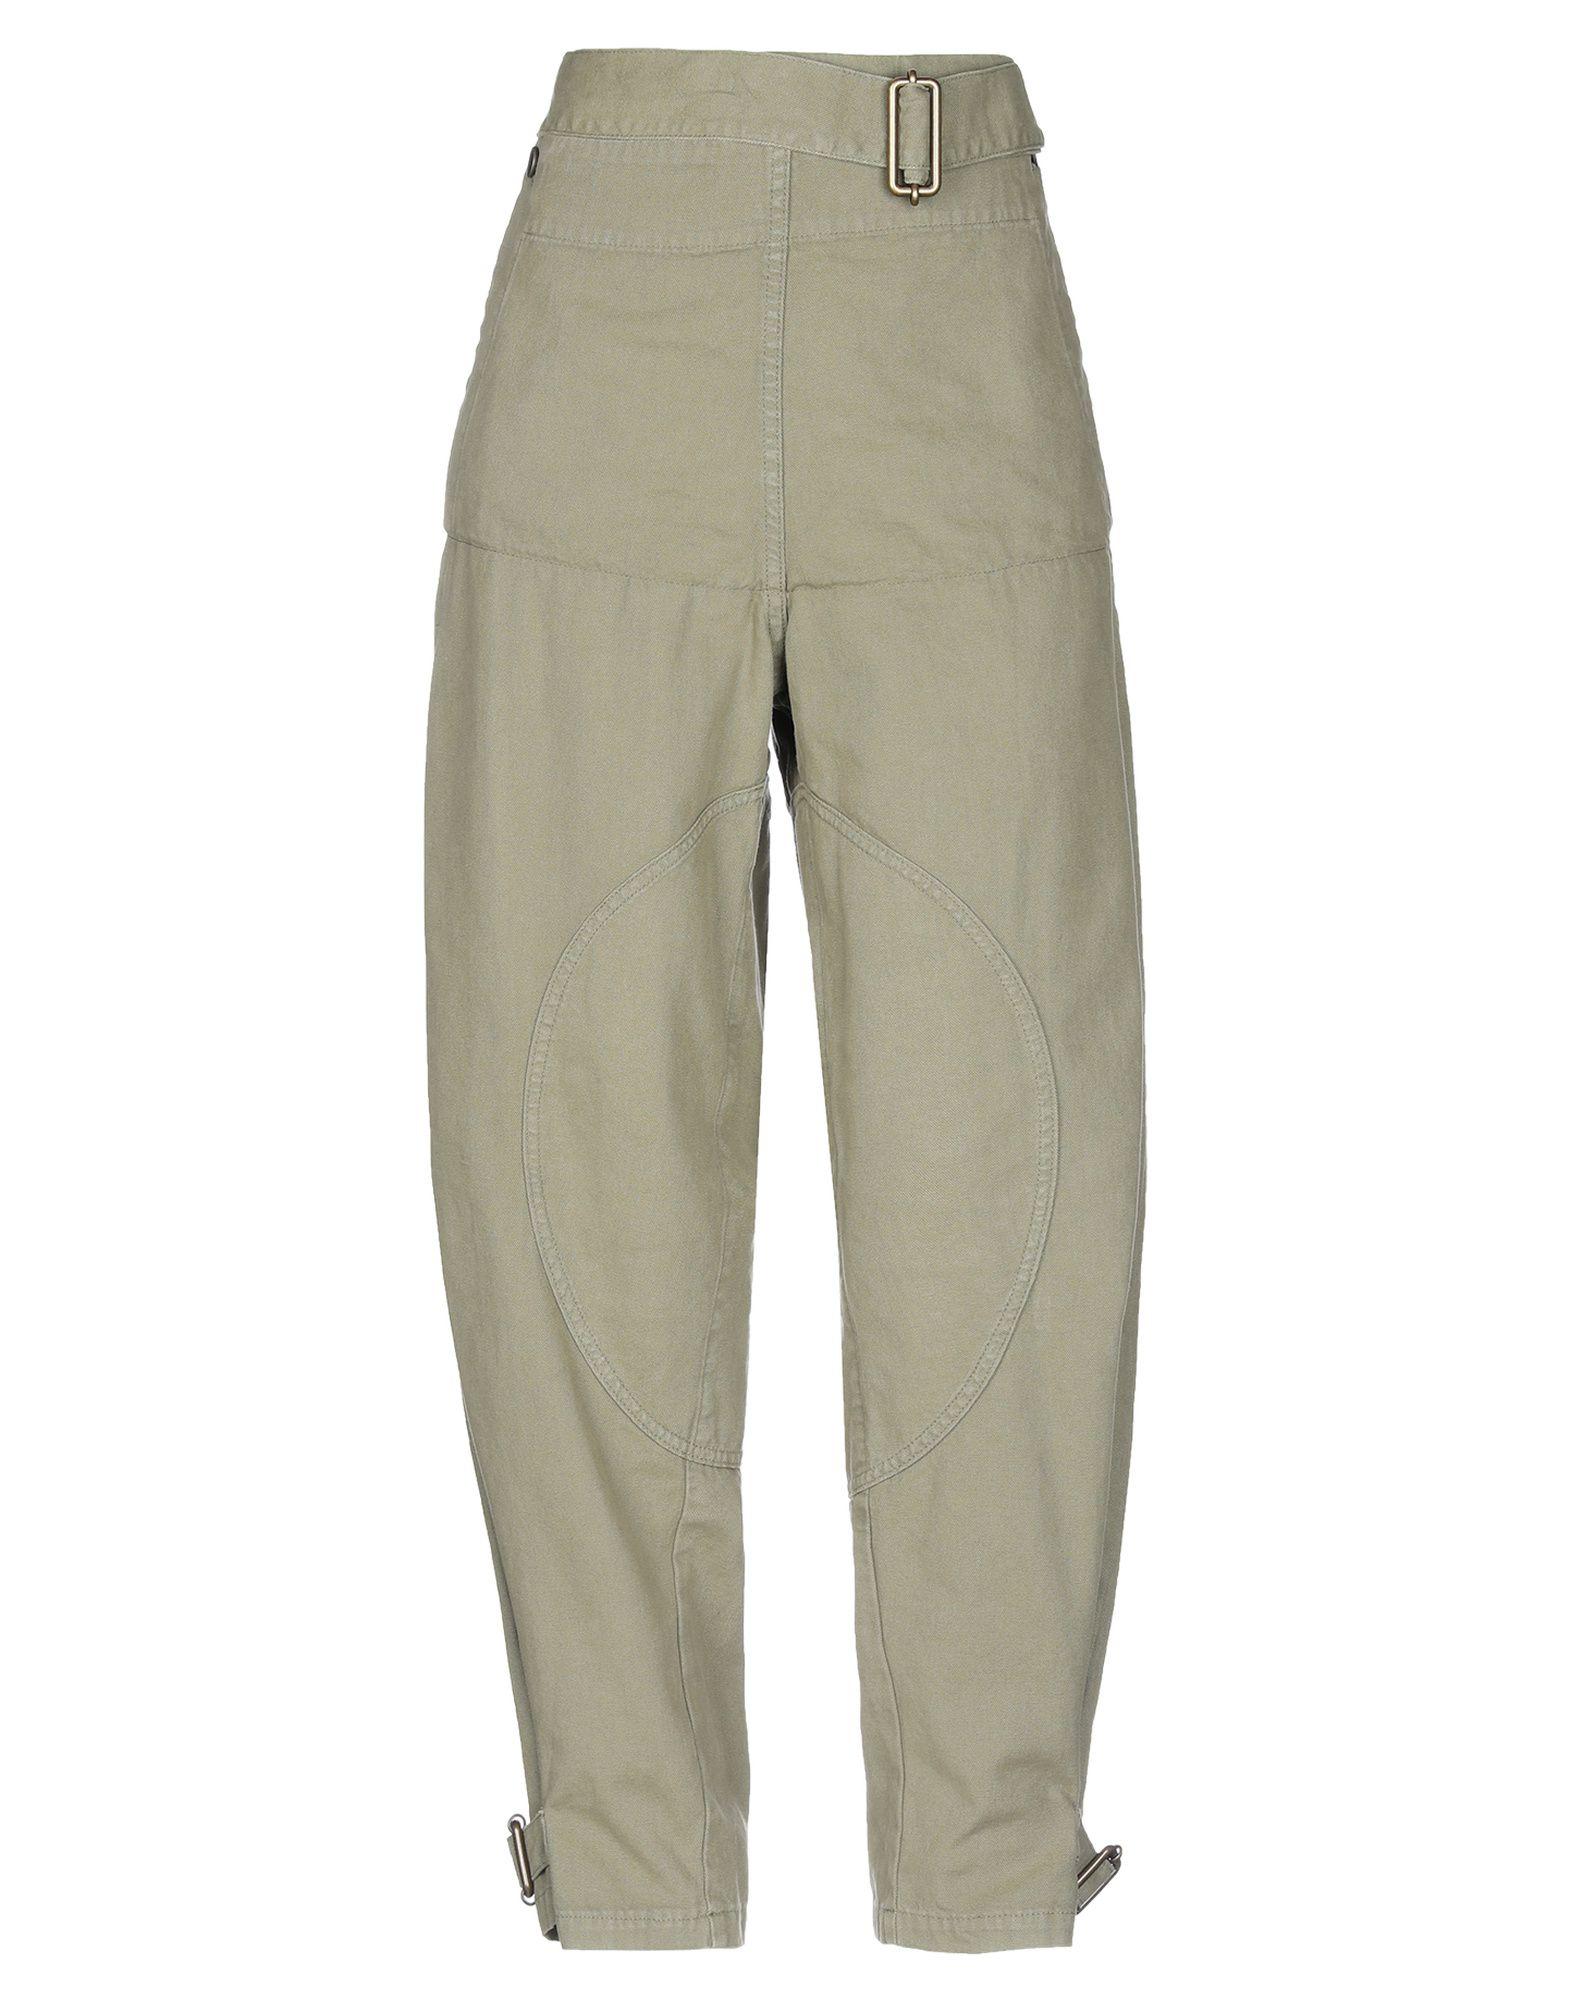 Pantalone J.W.Anderson donna - 13346727WR 13346727WR 13346727WR 0e0